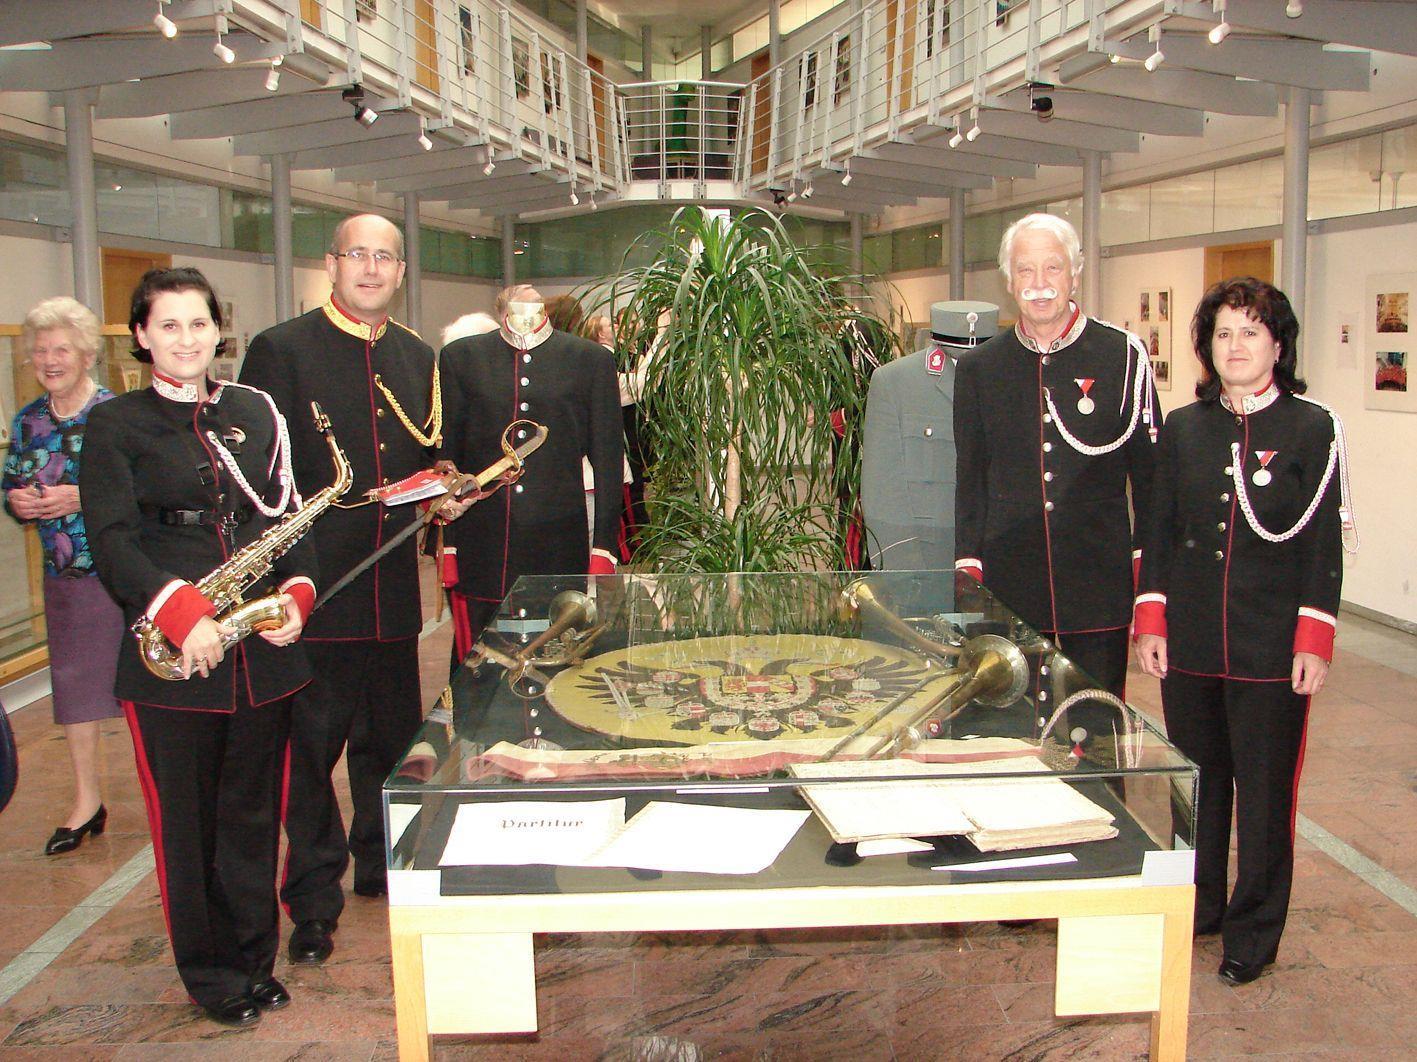 Die Bürgermusik lädt noch bis Freitag zur Besichtigung der Jubiläumsausstellung im Rathaus.